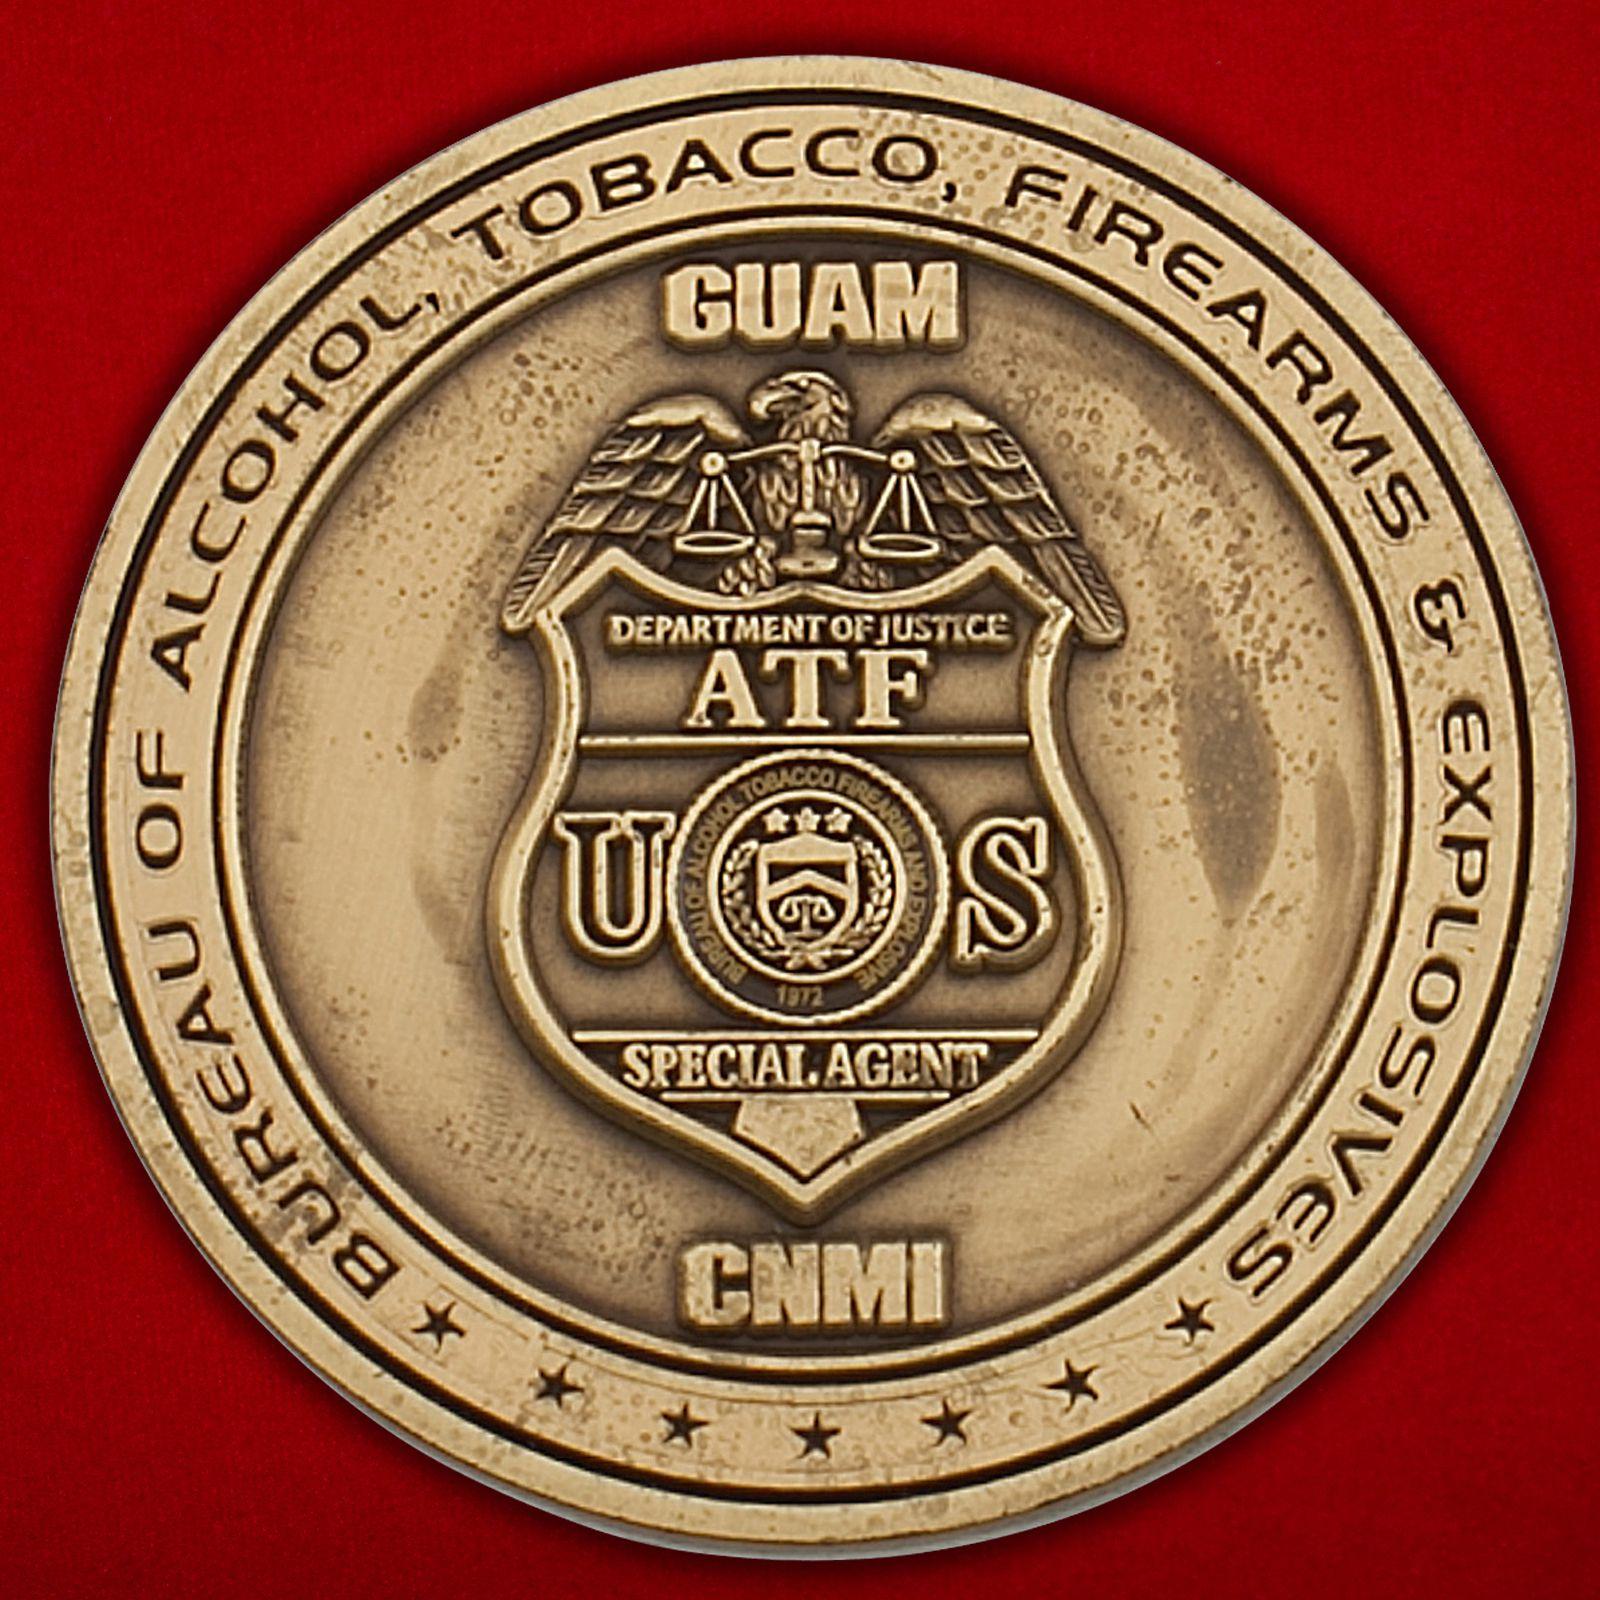 Челлендж коин специального агента Бюро алкоголя, табака, огнестрельного оружия и взрывчатых веществ Министерства Юстиции США